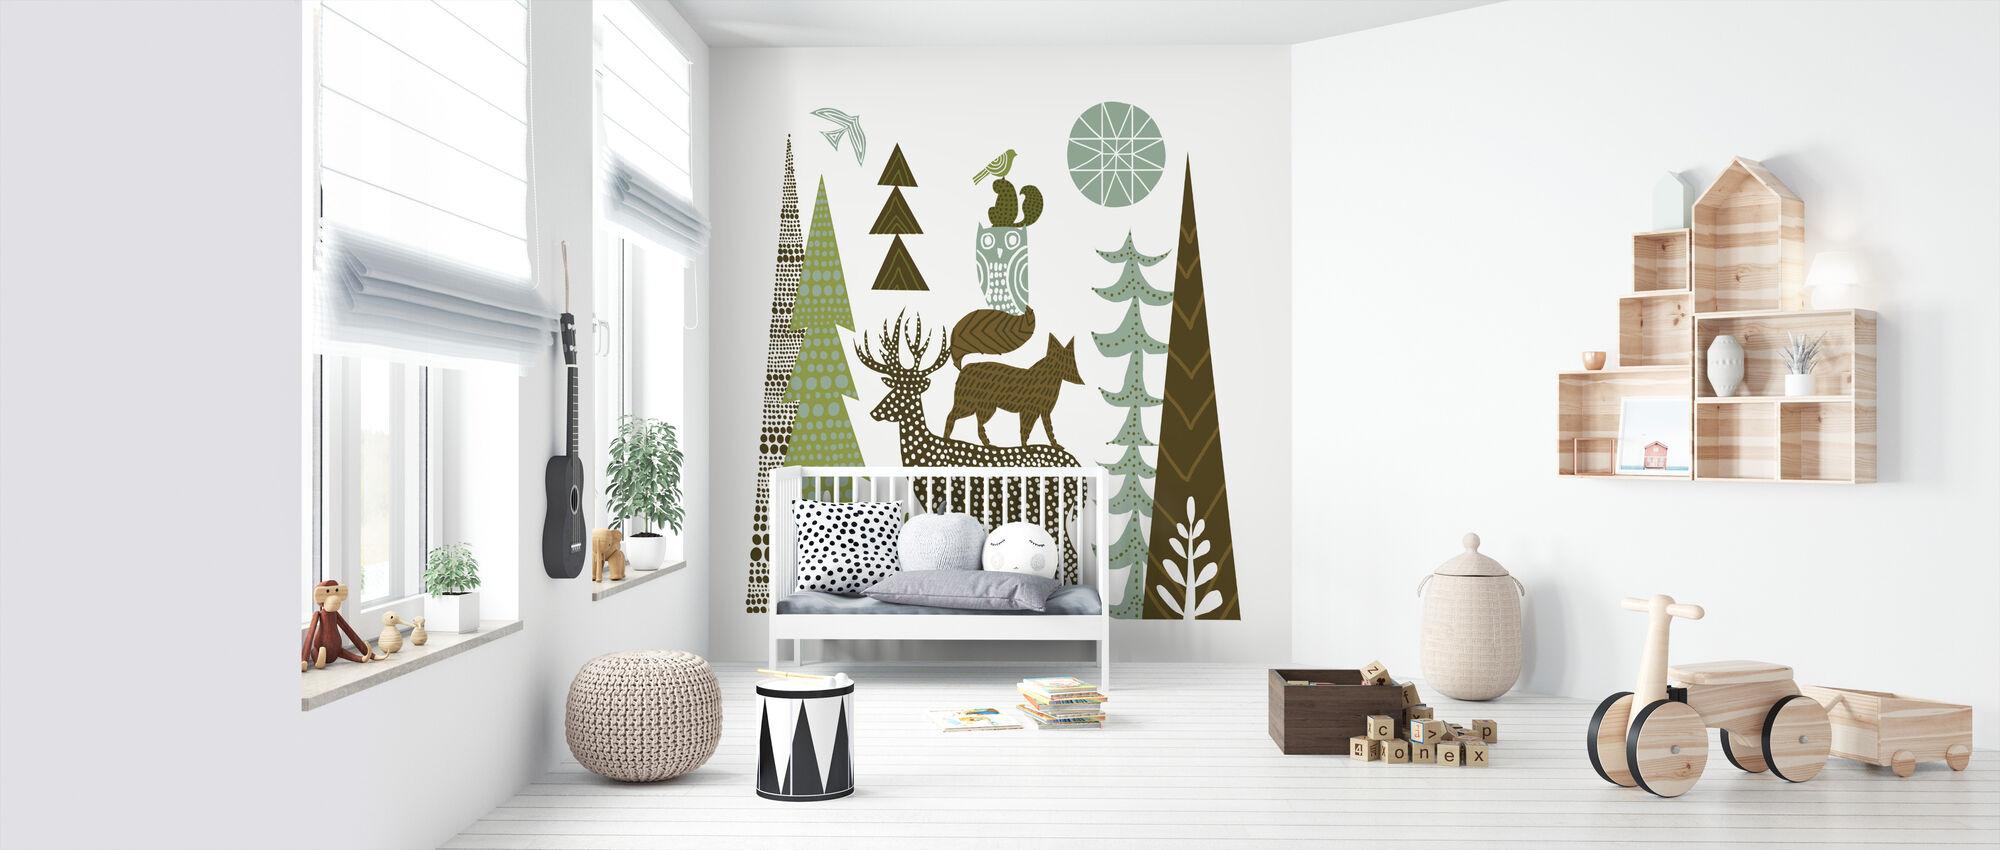 Skog Folklore Gröna Djur 1 - Tapet - Babyrum